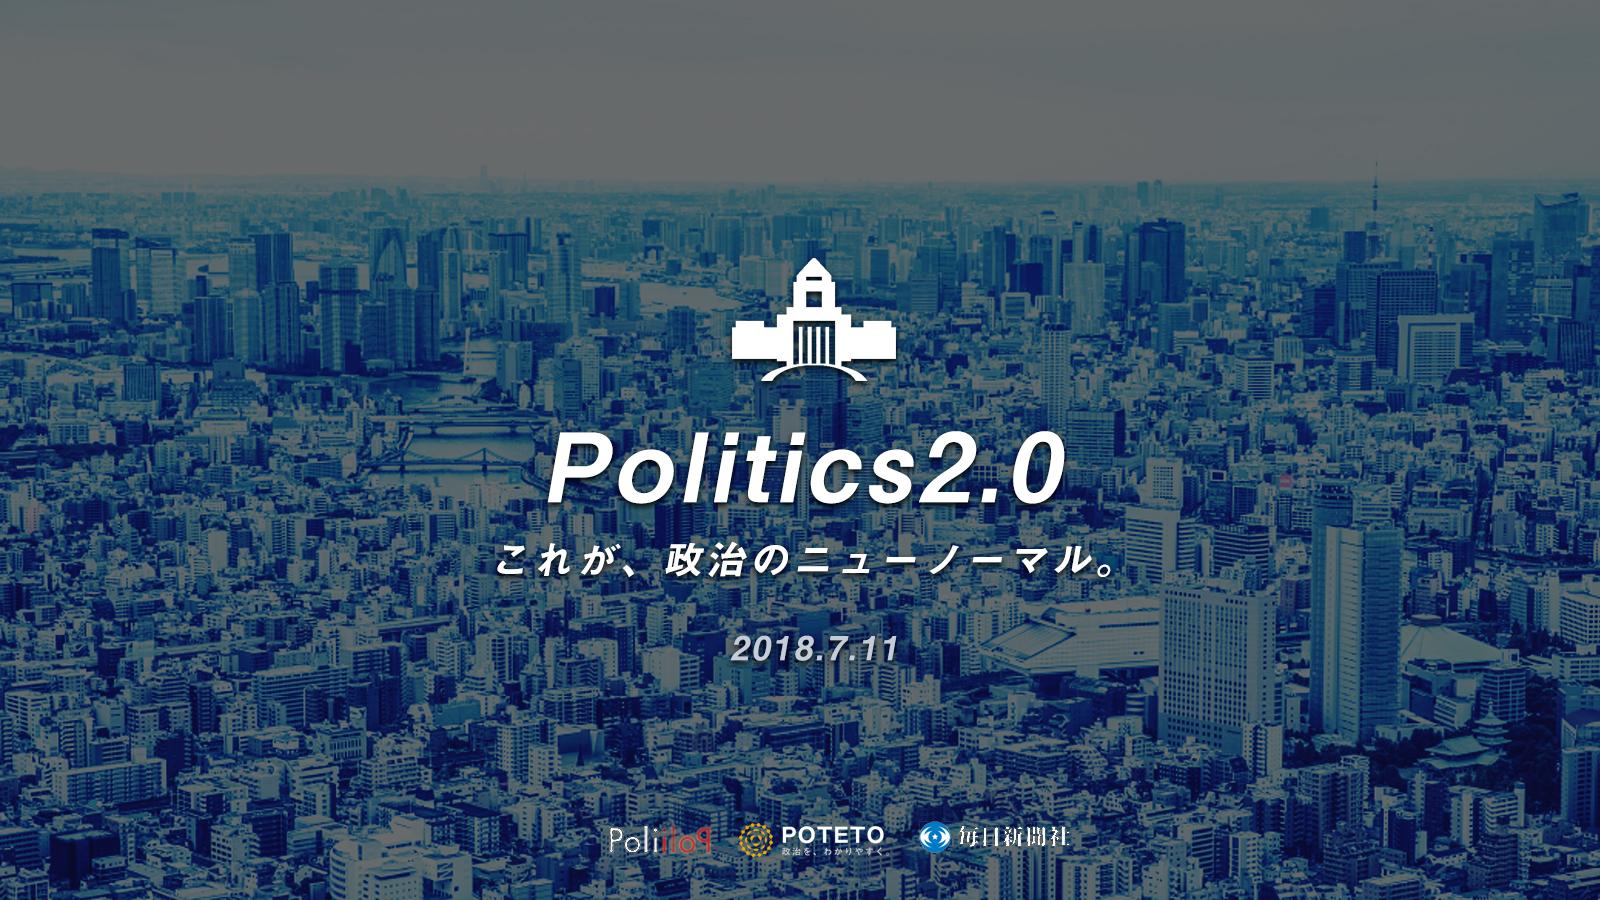 banner - Politics2.0、大盛況でした!